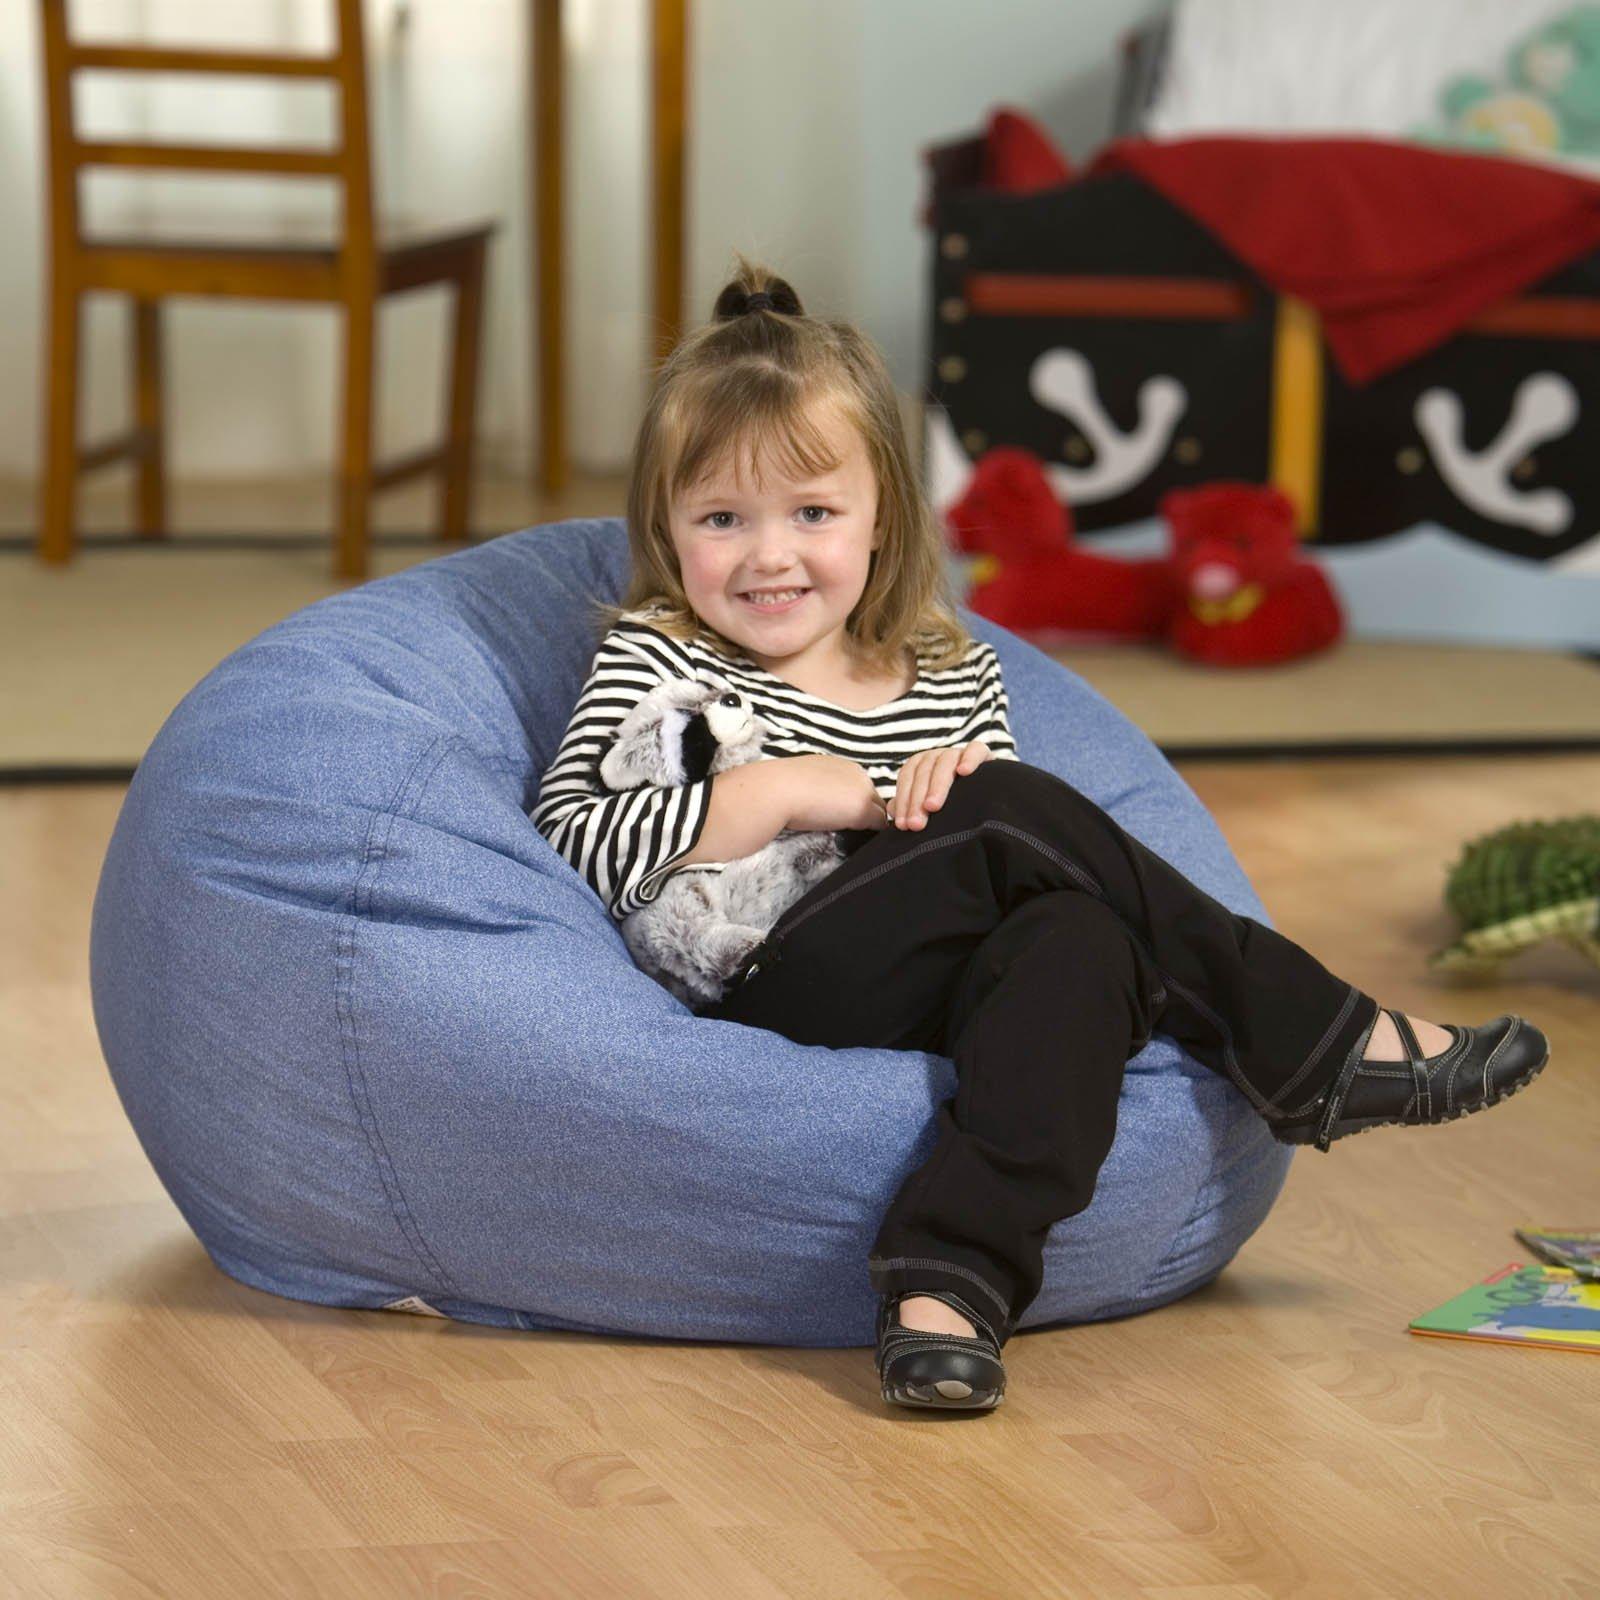 Small Denim Lounger Bean Bag Chair